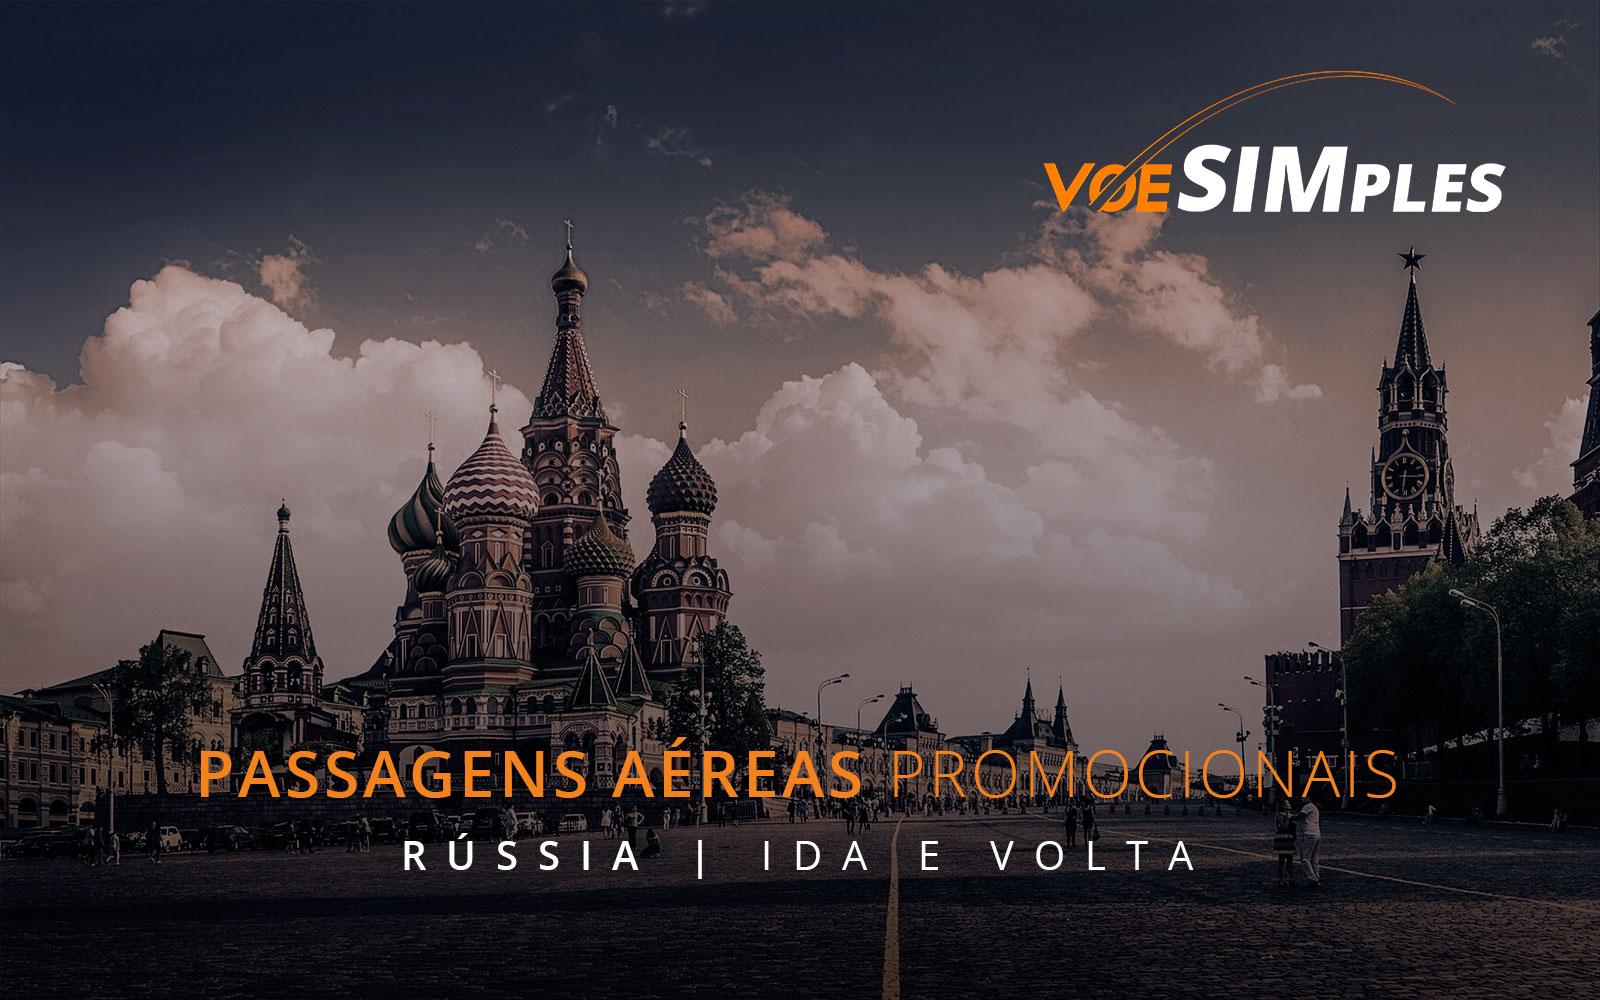 Passagens aéreas promocionais para a Rússia